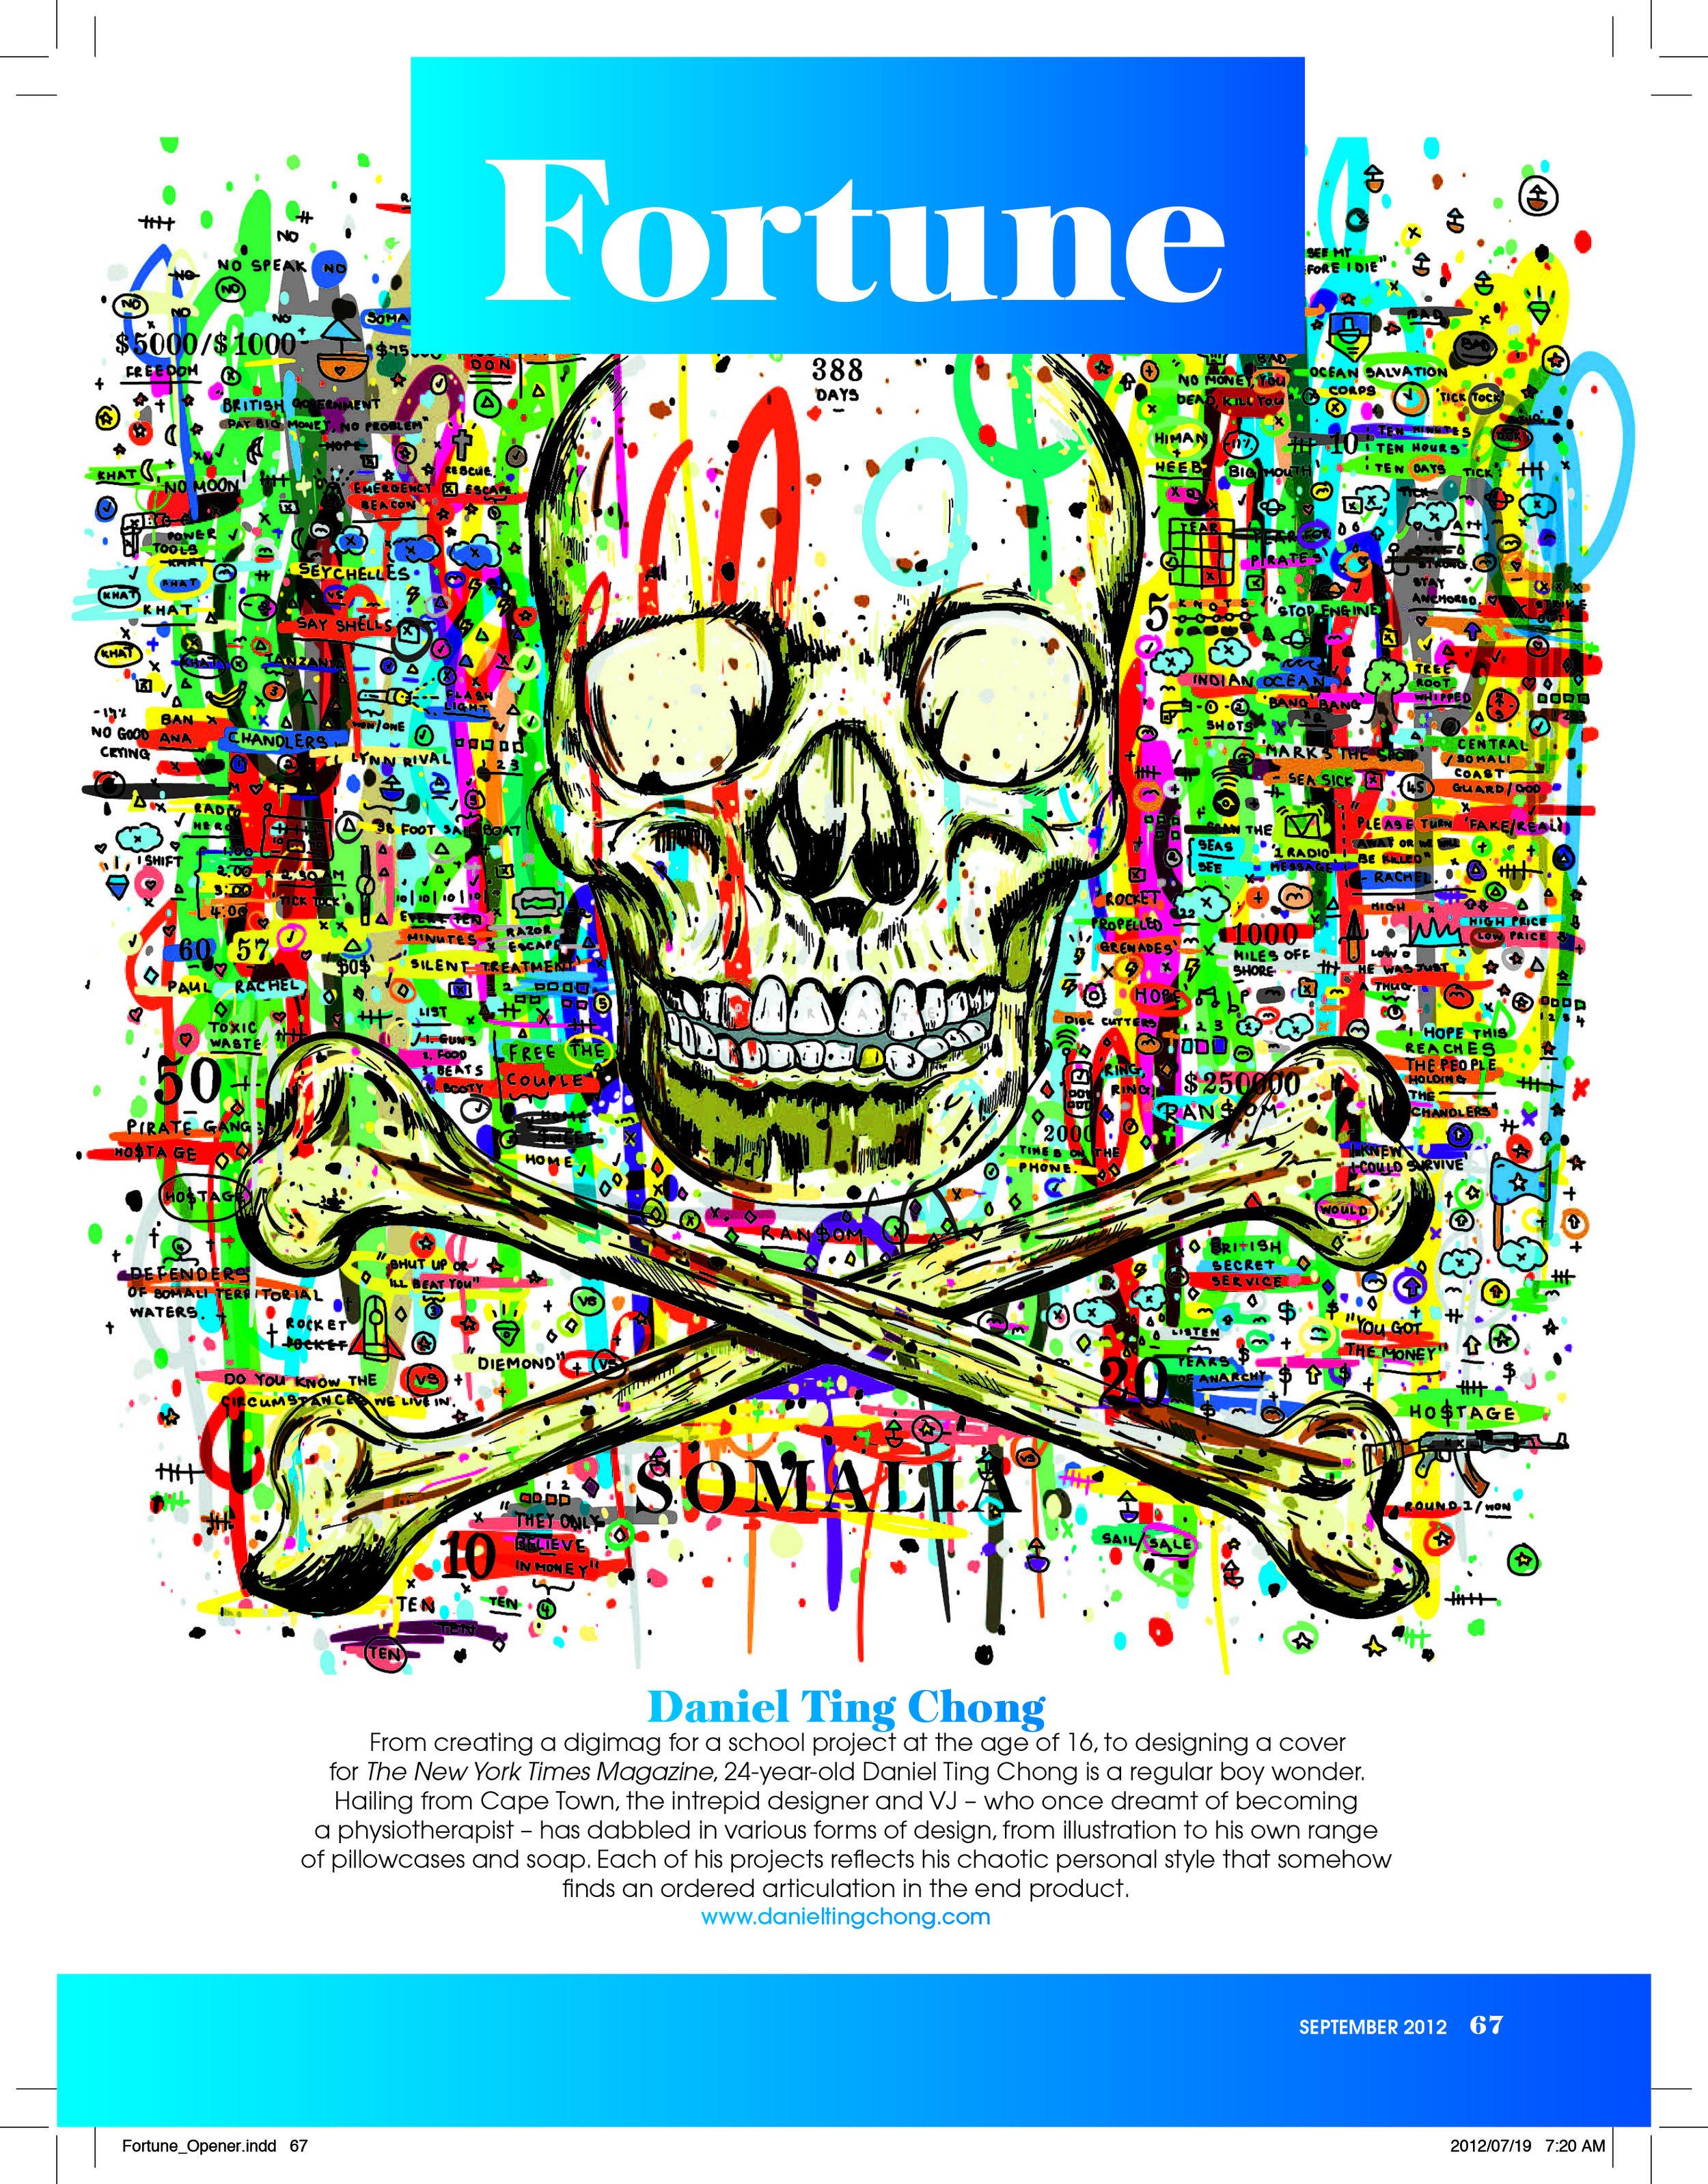 67_Fortune Opener.jpg